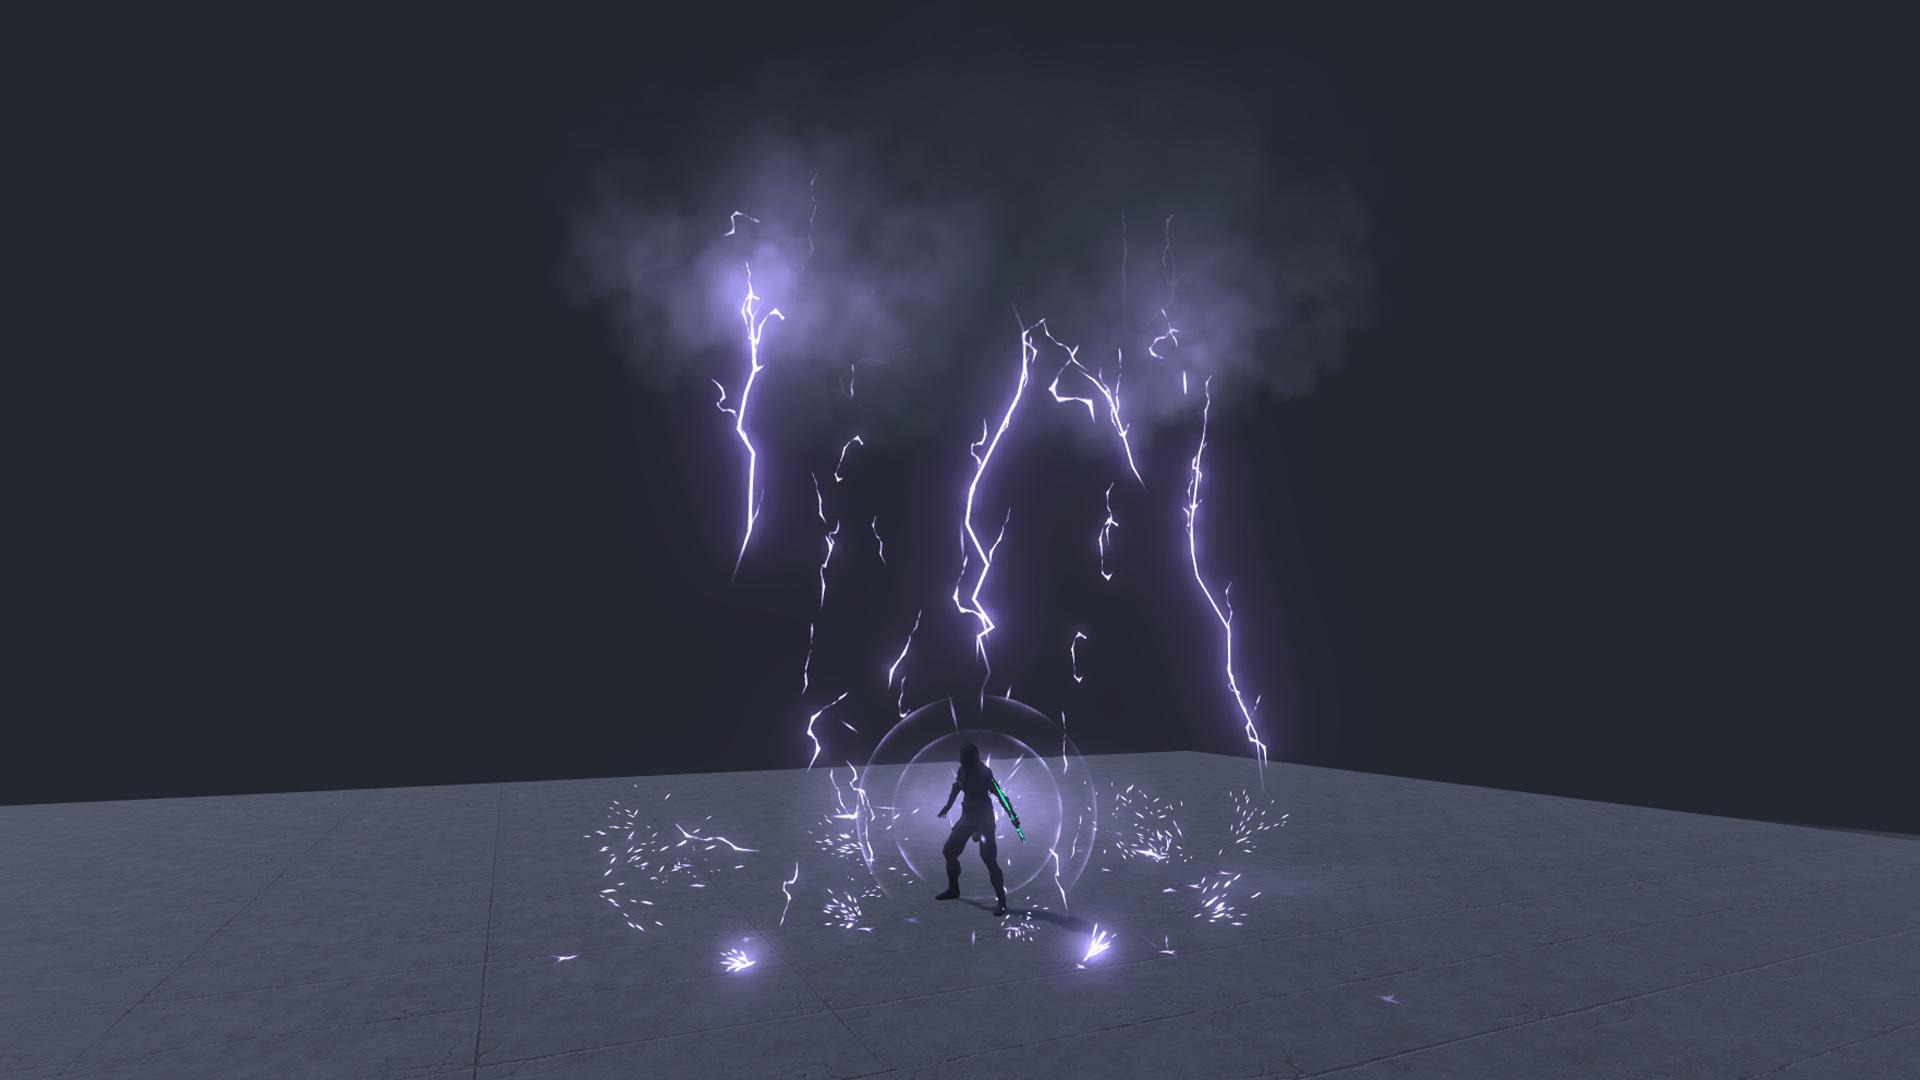 AOE Magic spells Vol 1 - Real Time VFX